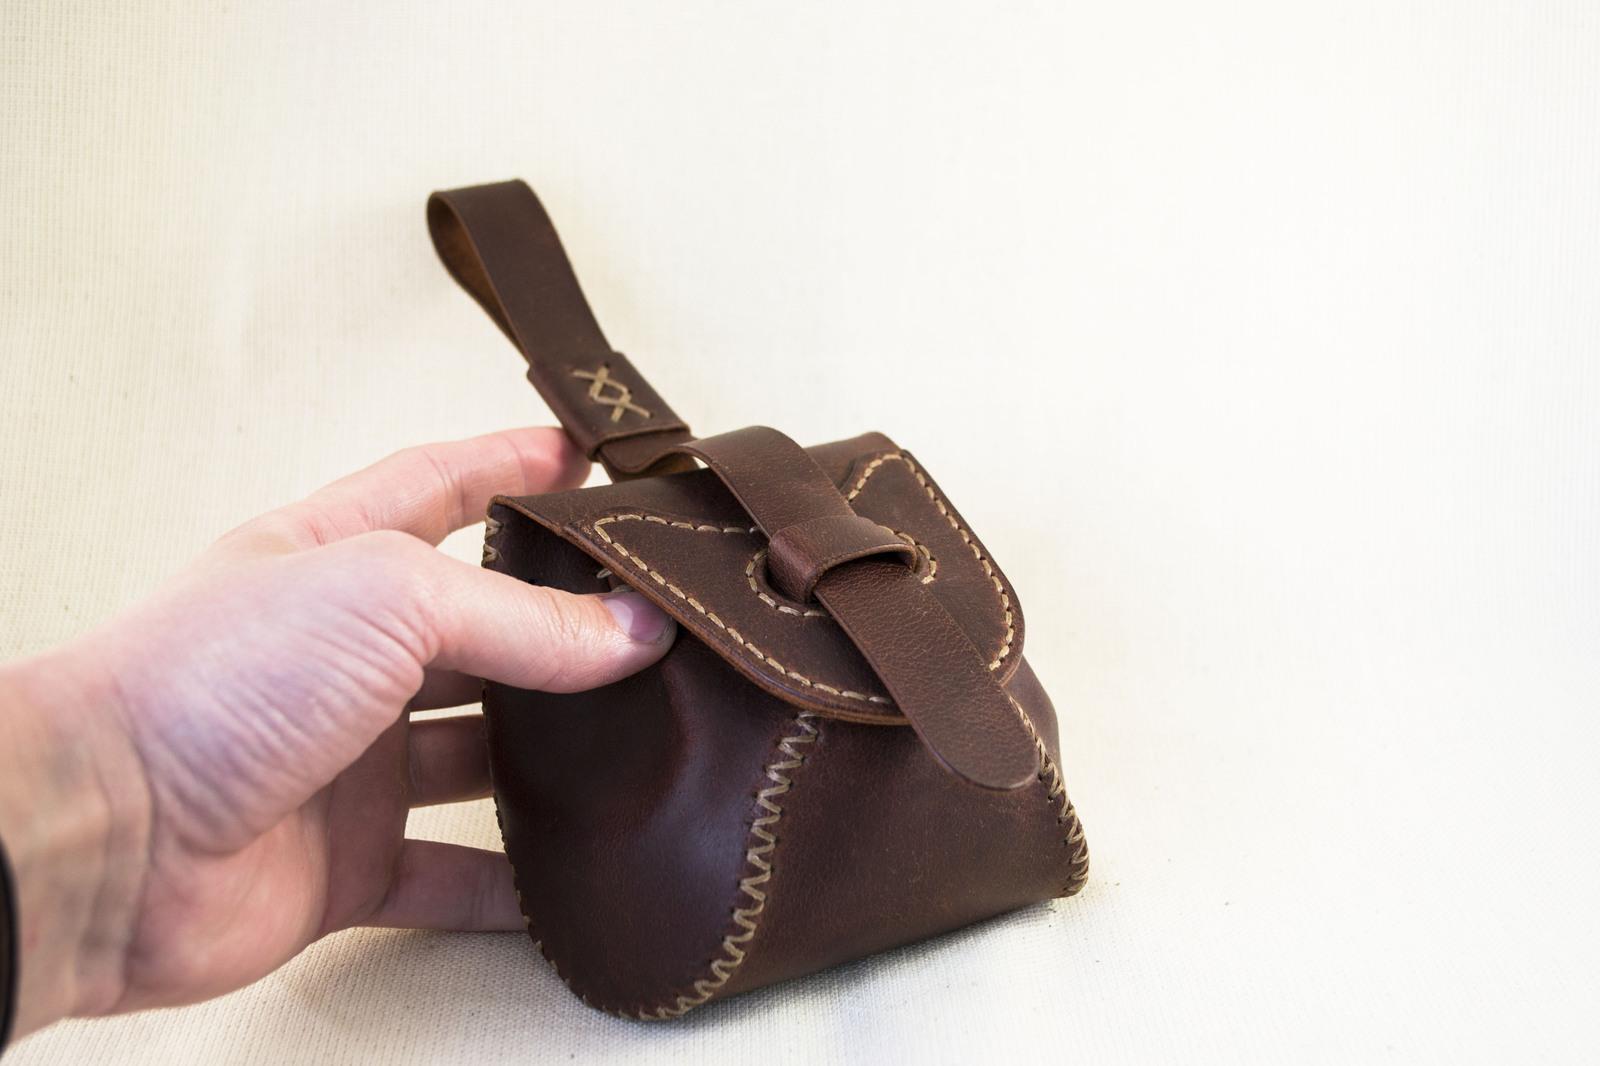 3e9e7f663aa6 Как я это делаю: Небольшая поясная сумка Длиннопост, Кожа, Своими руками,  Сумка